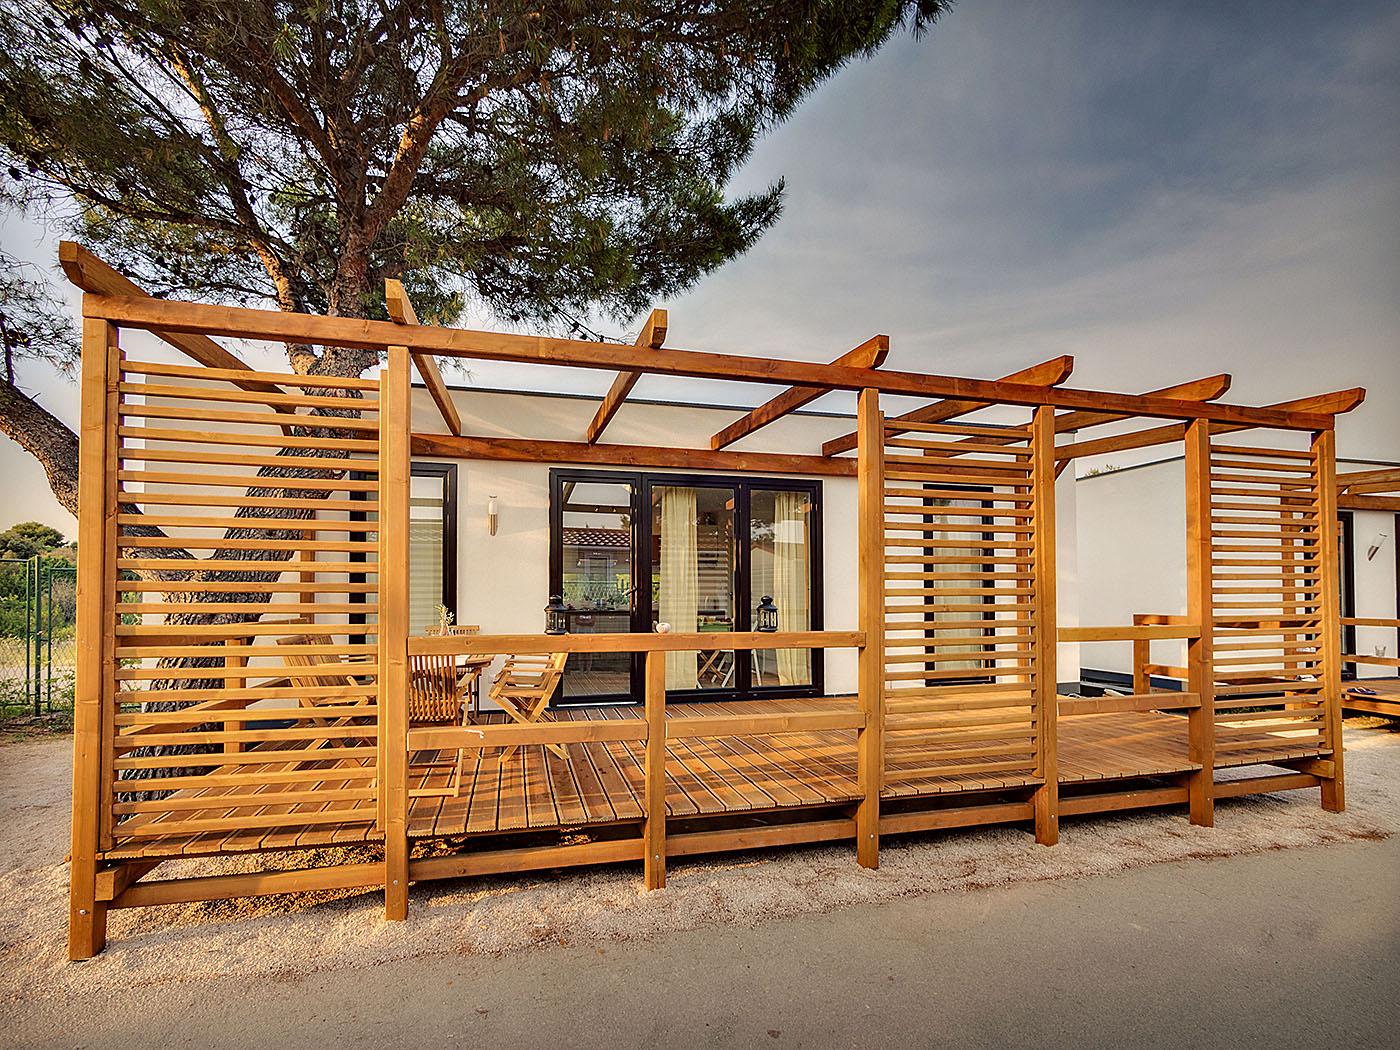 LS Tech-Homes zbuduje ekologiczne domki w Chorwacji. Nowy kontrakt firmy o wartości prawie 12 mln zł